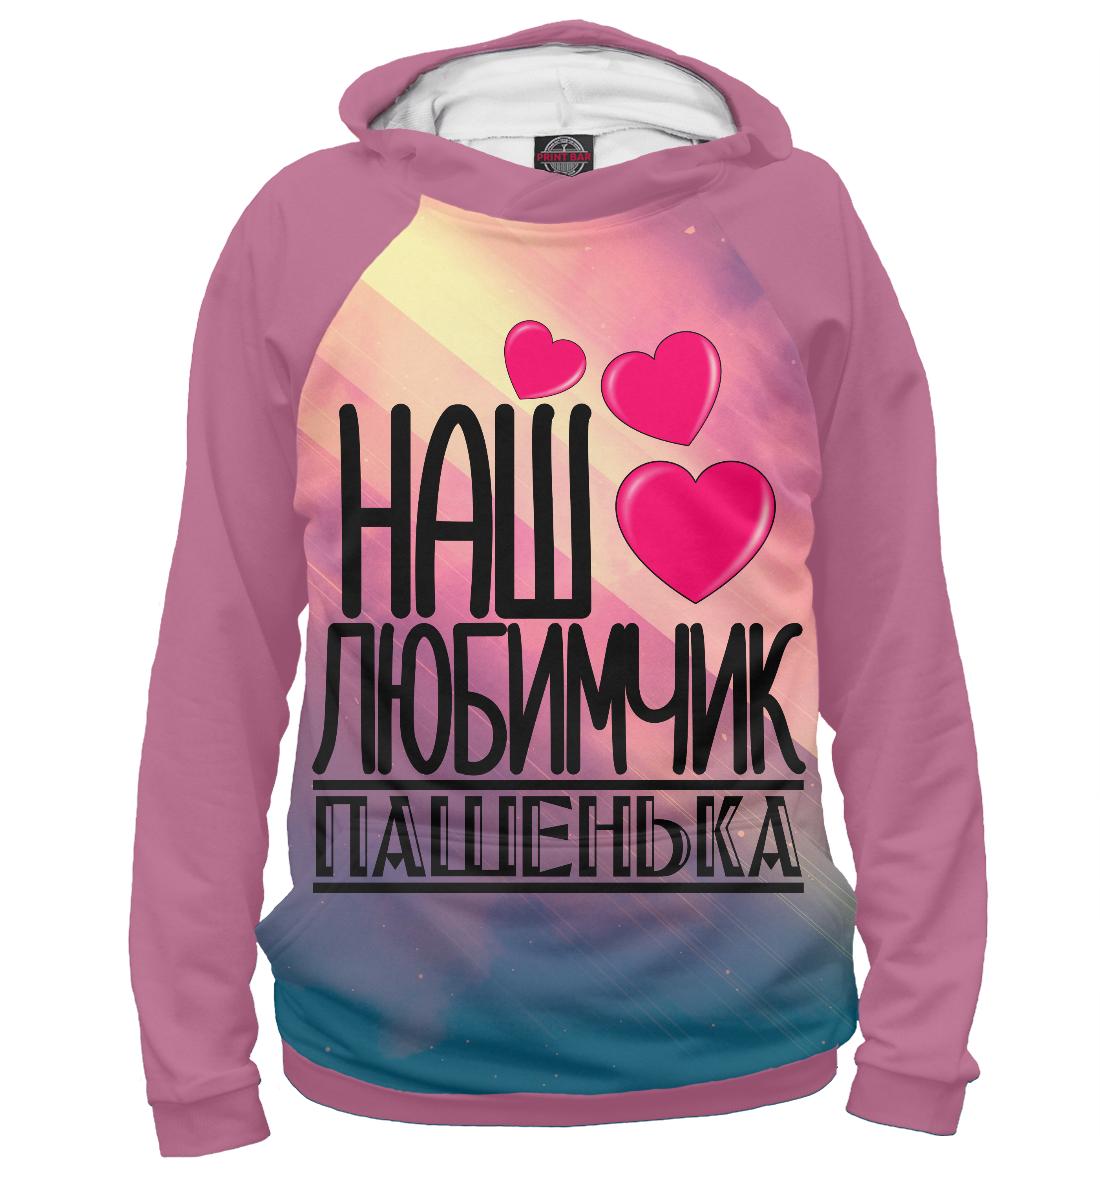 Купить Любимчик Пашенька, Printbar, Худи, IMR-749733-hud